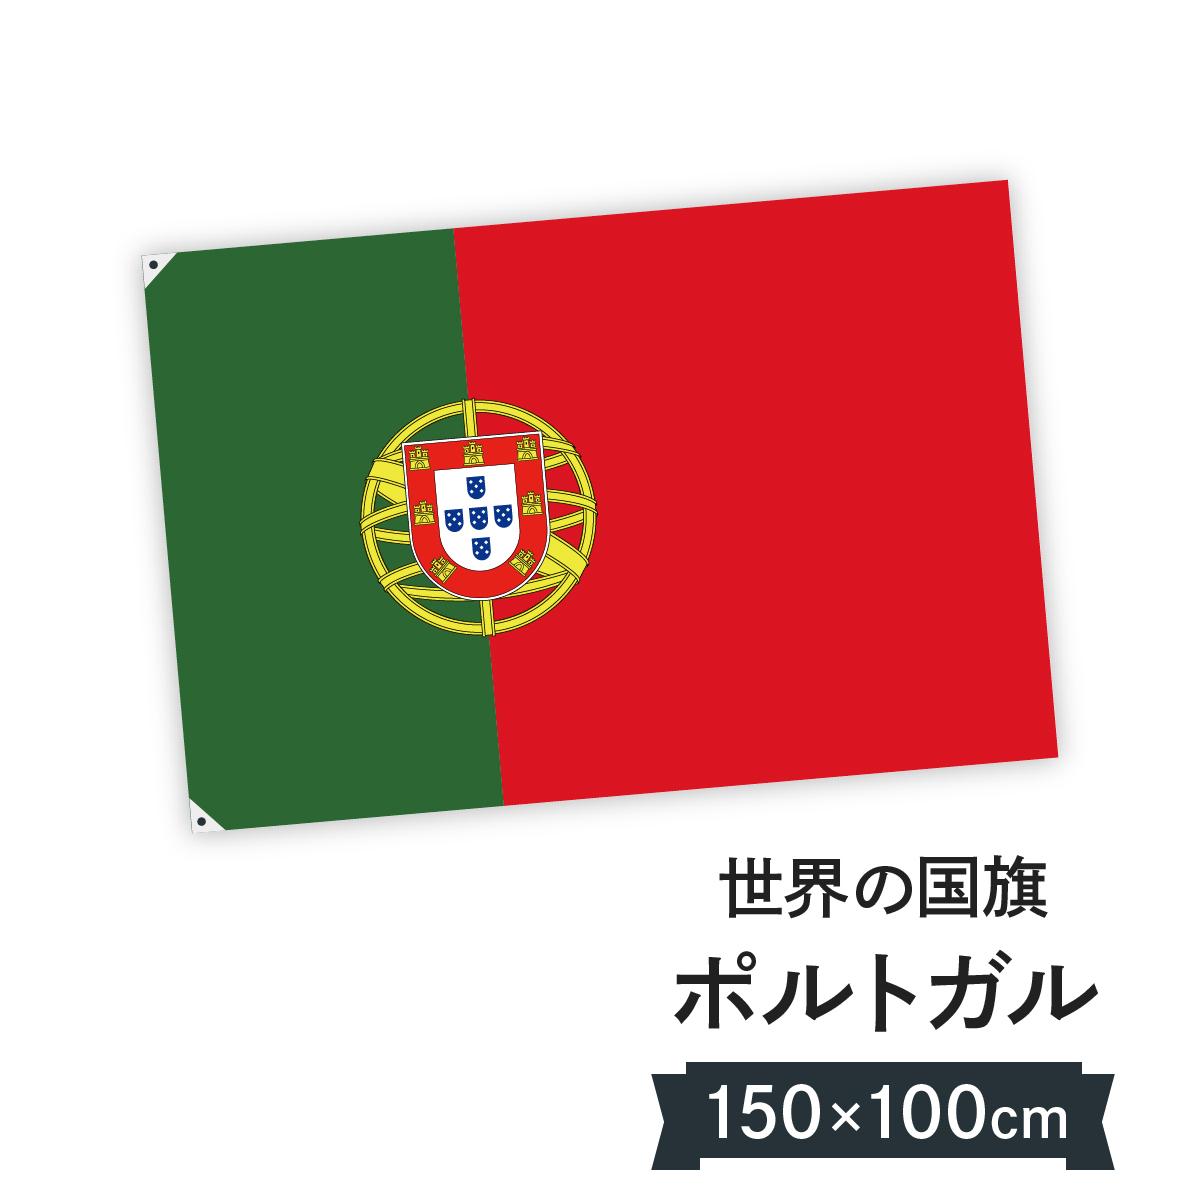 ポルトガル共和国 国旗 W150cm H100cm